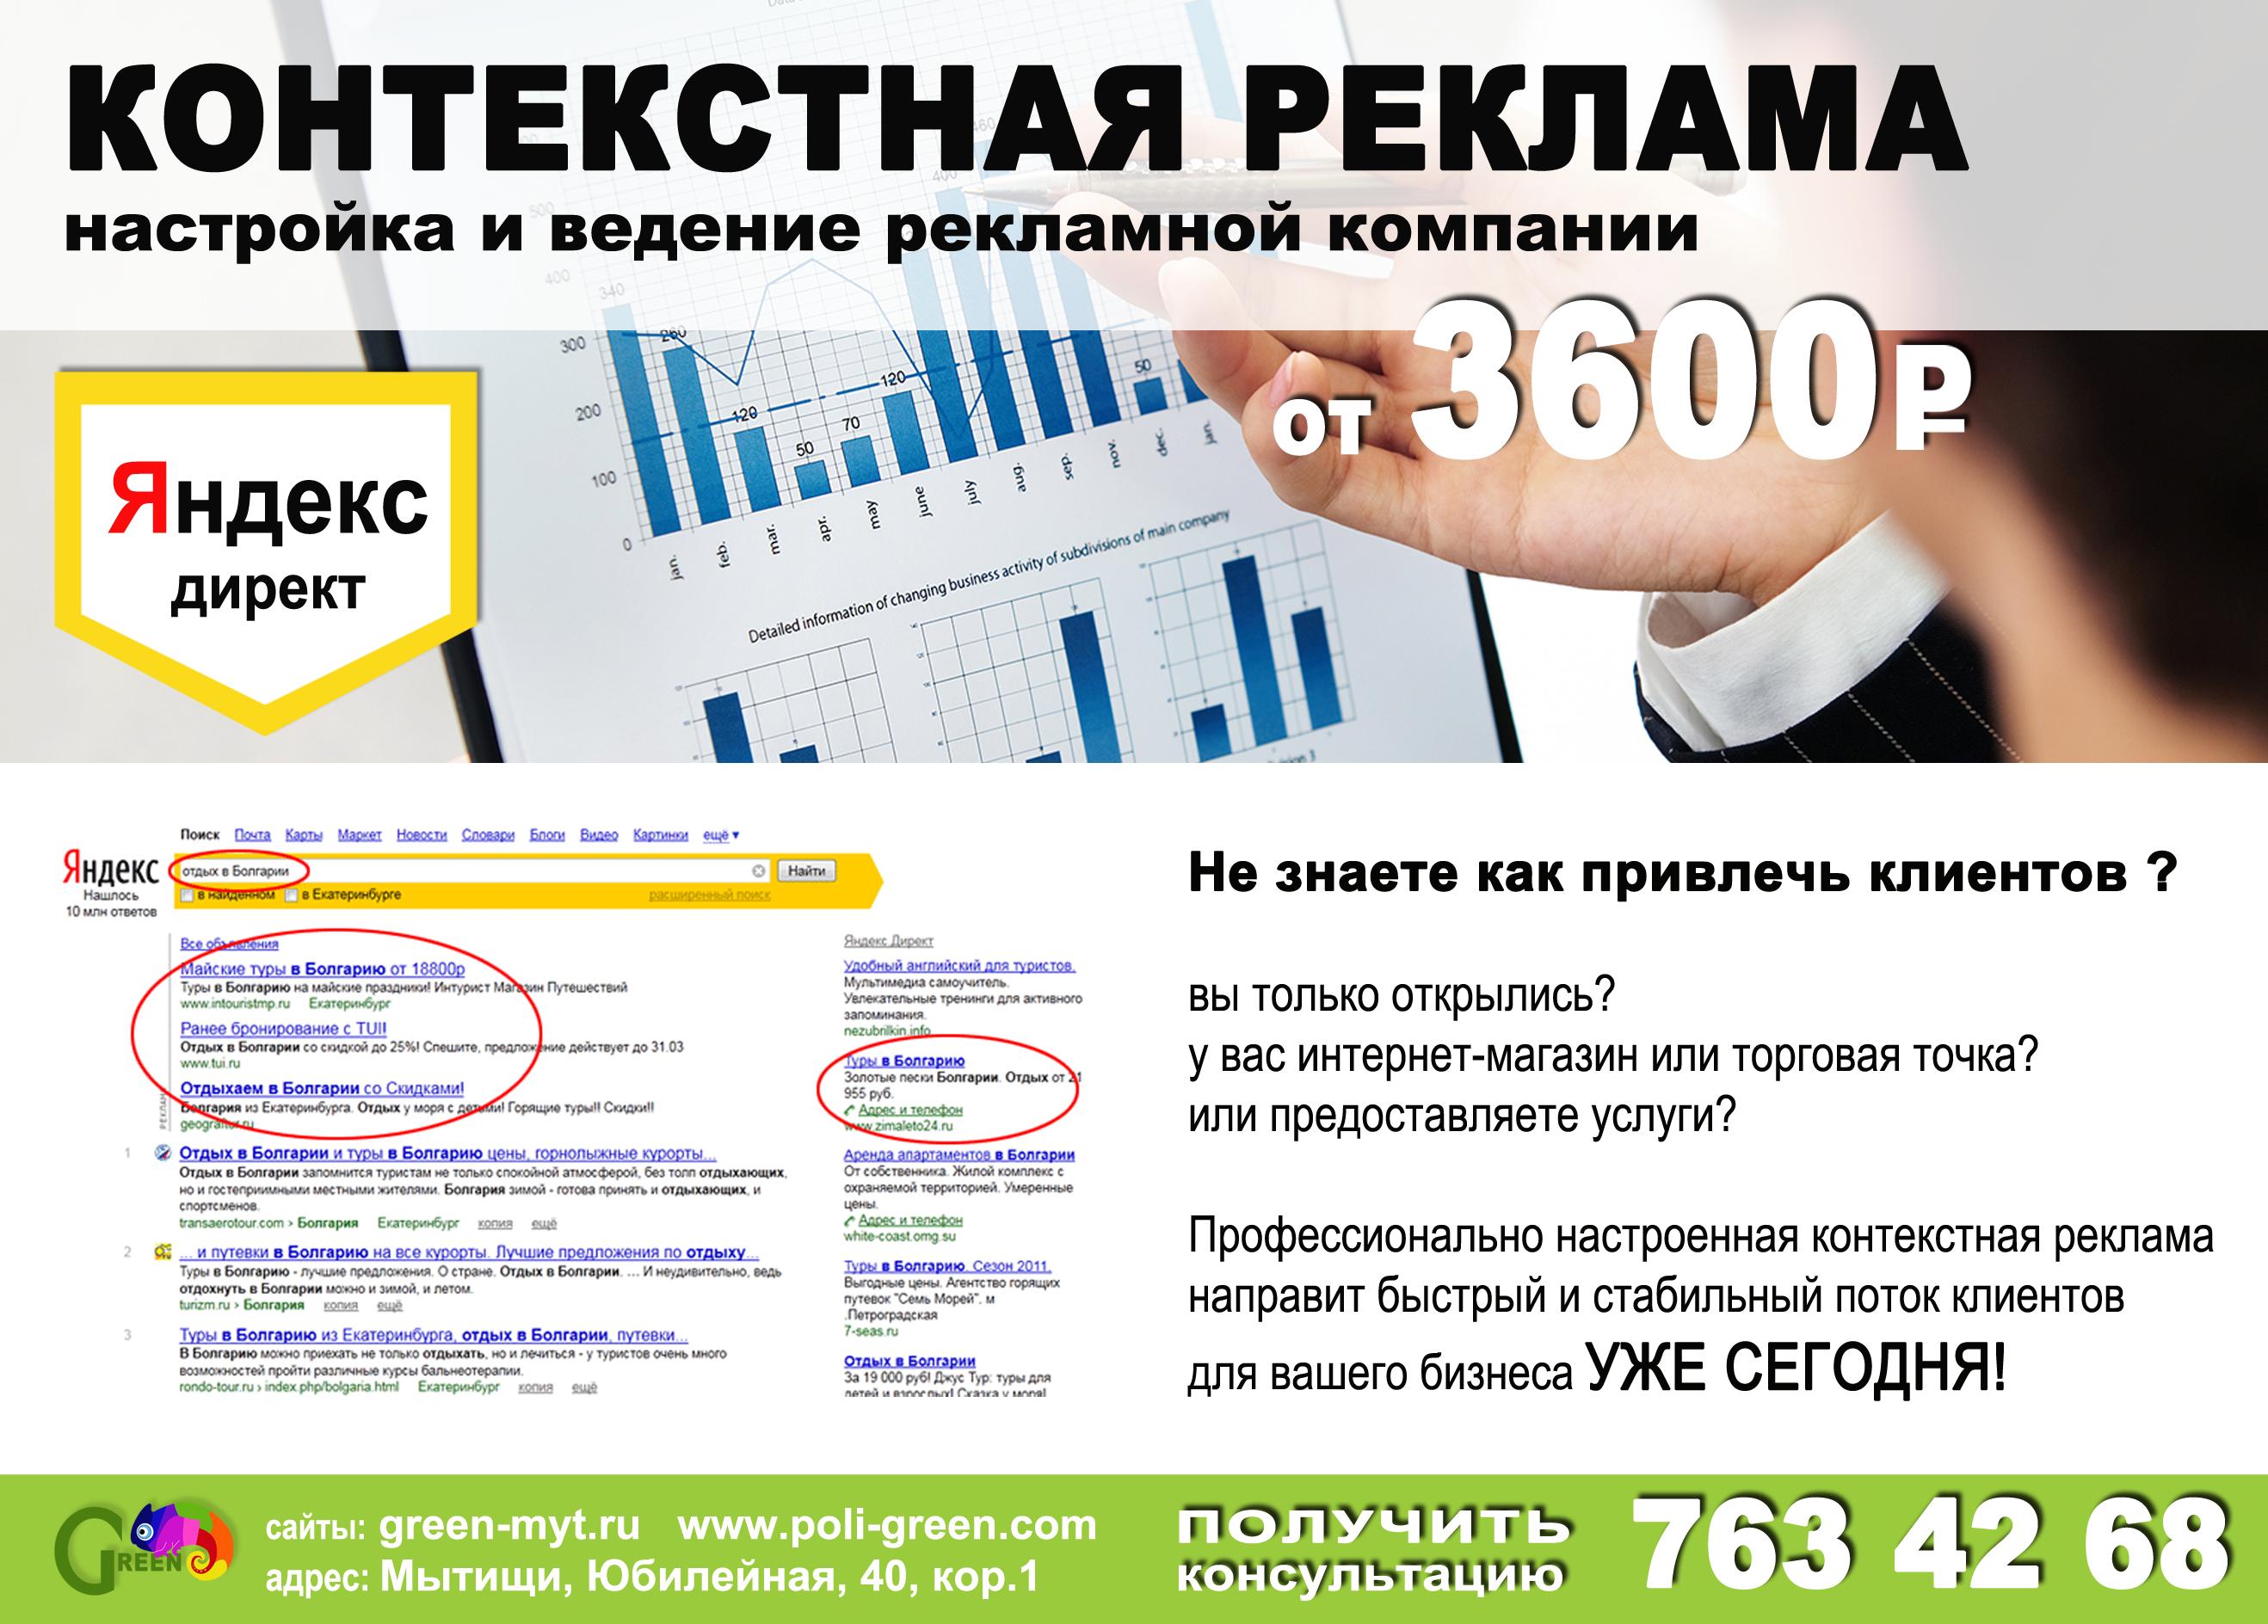 Контекстная реклама картинки для сайта